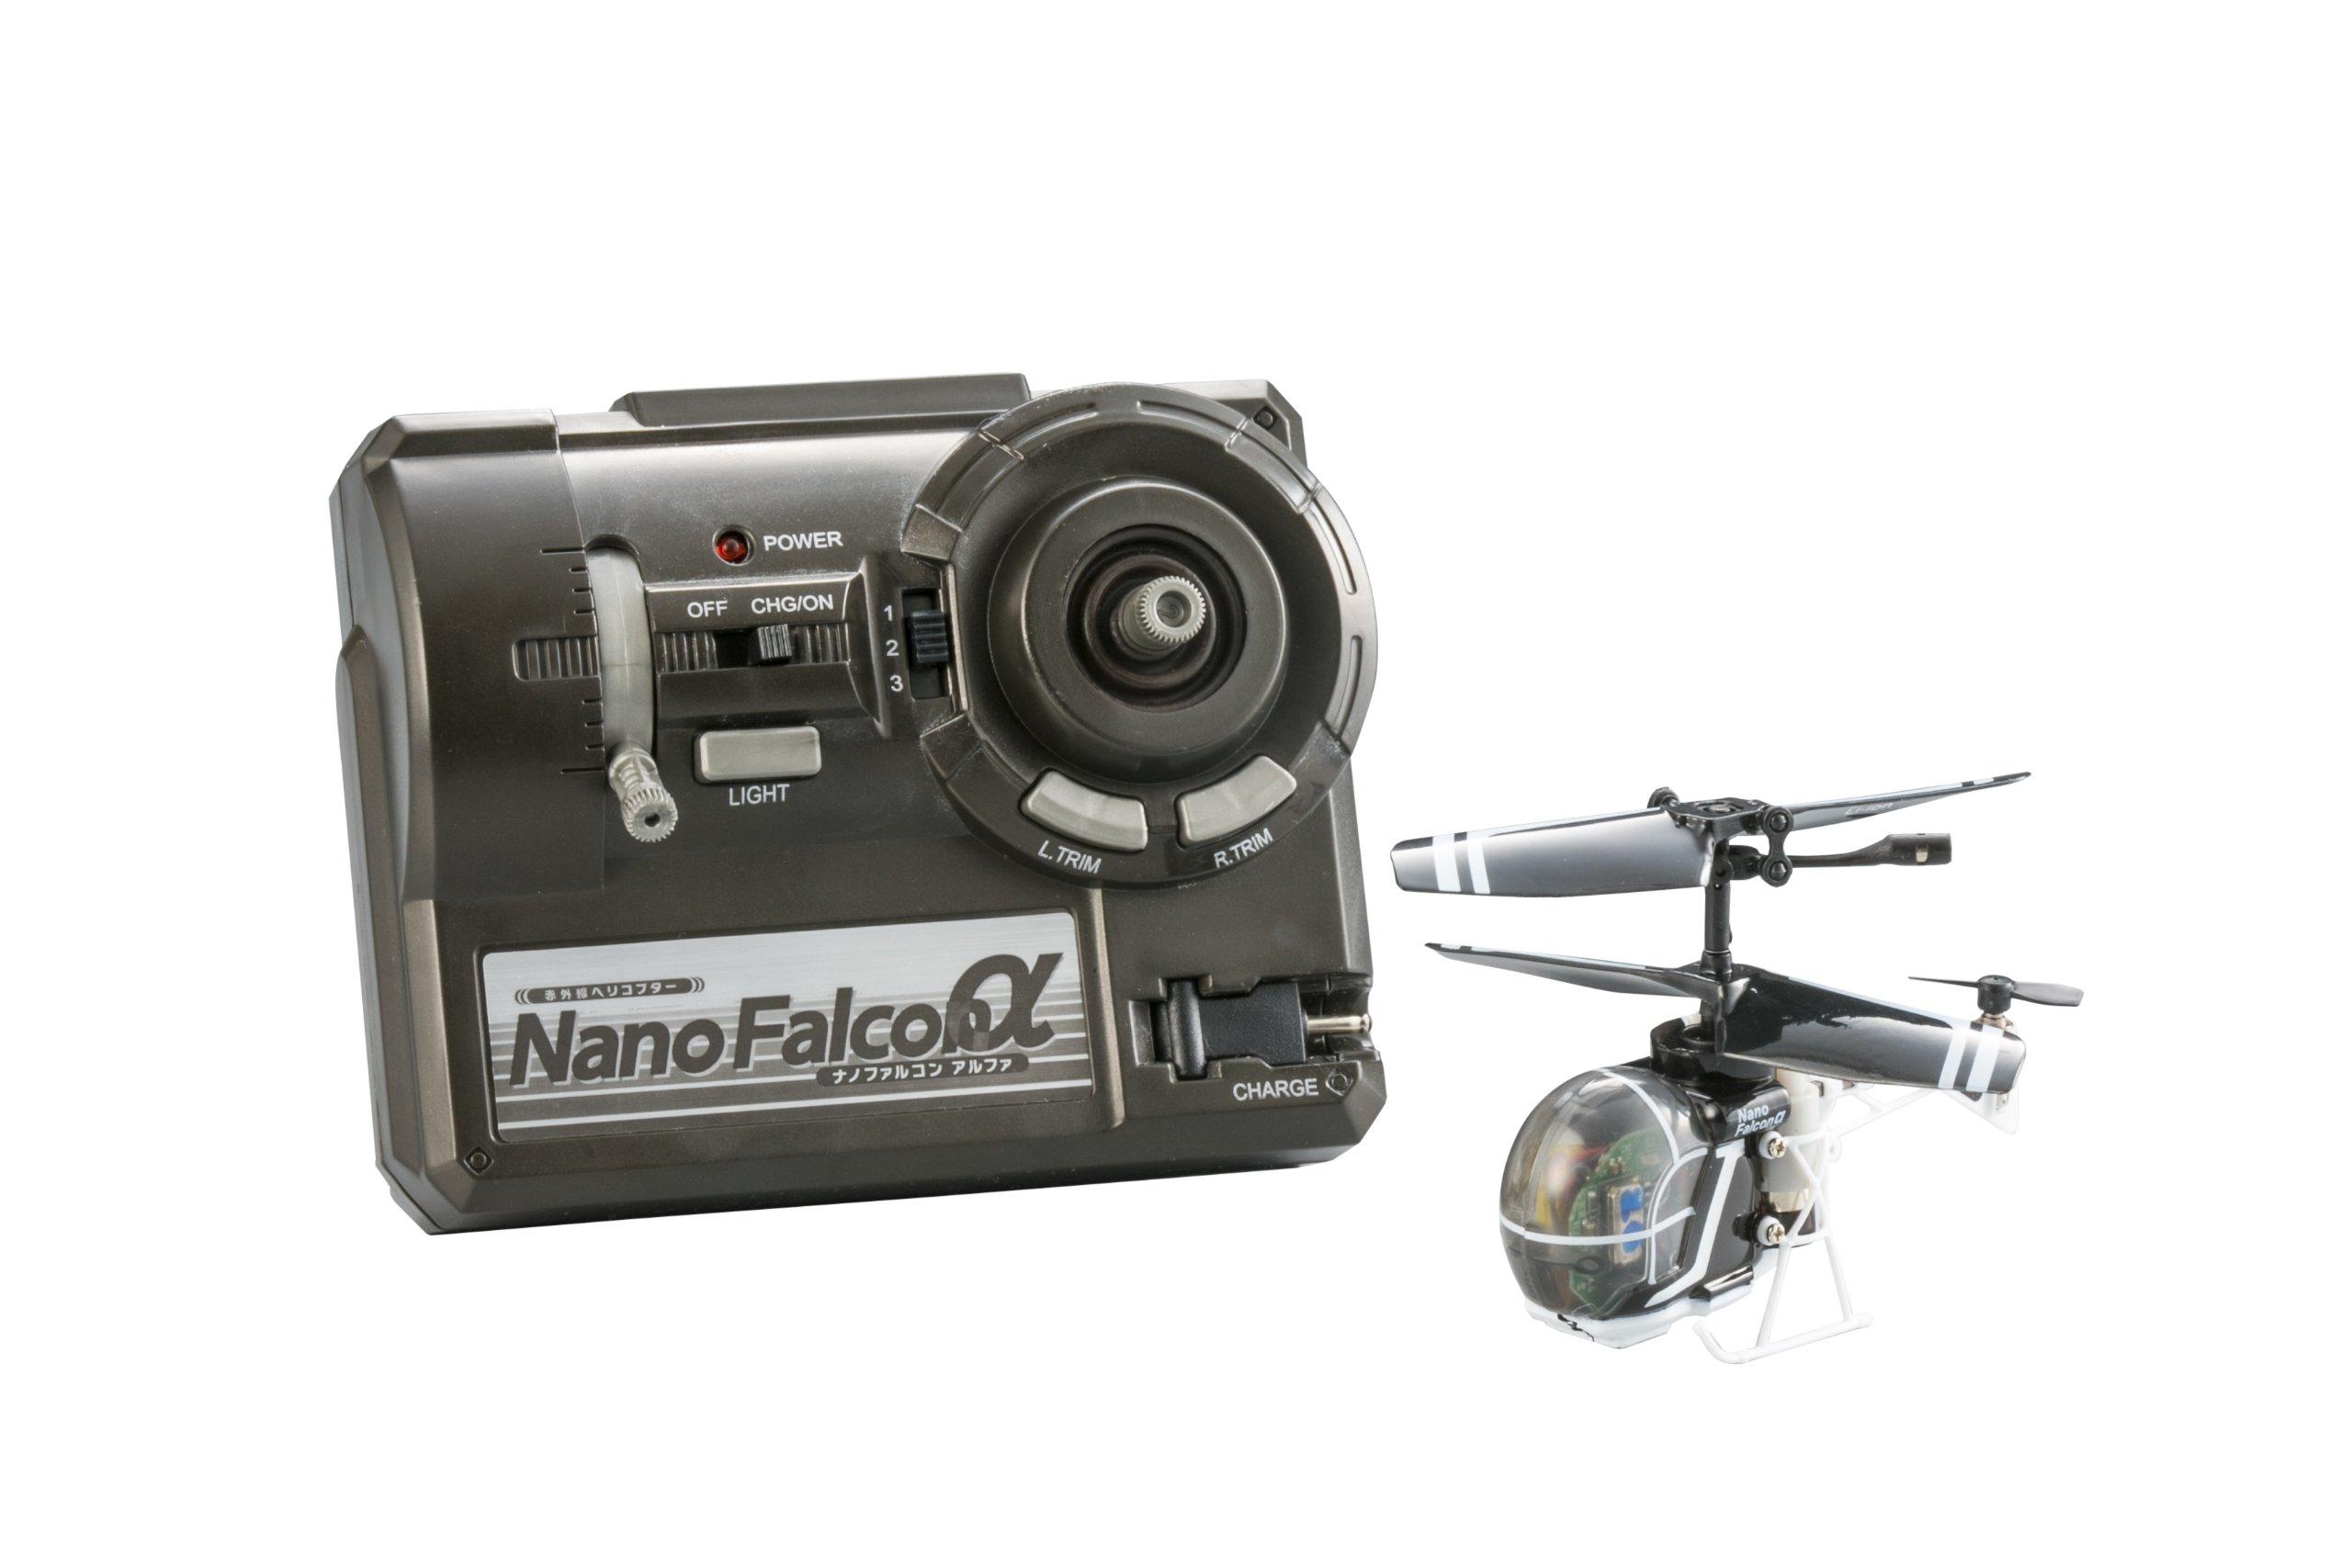 Infrared Helicopter NANO-FALCONƒ¿ nano Falcon alpha